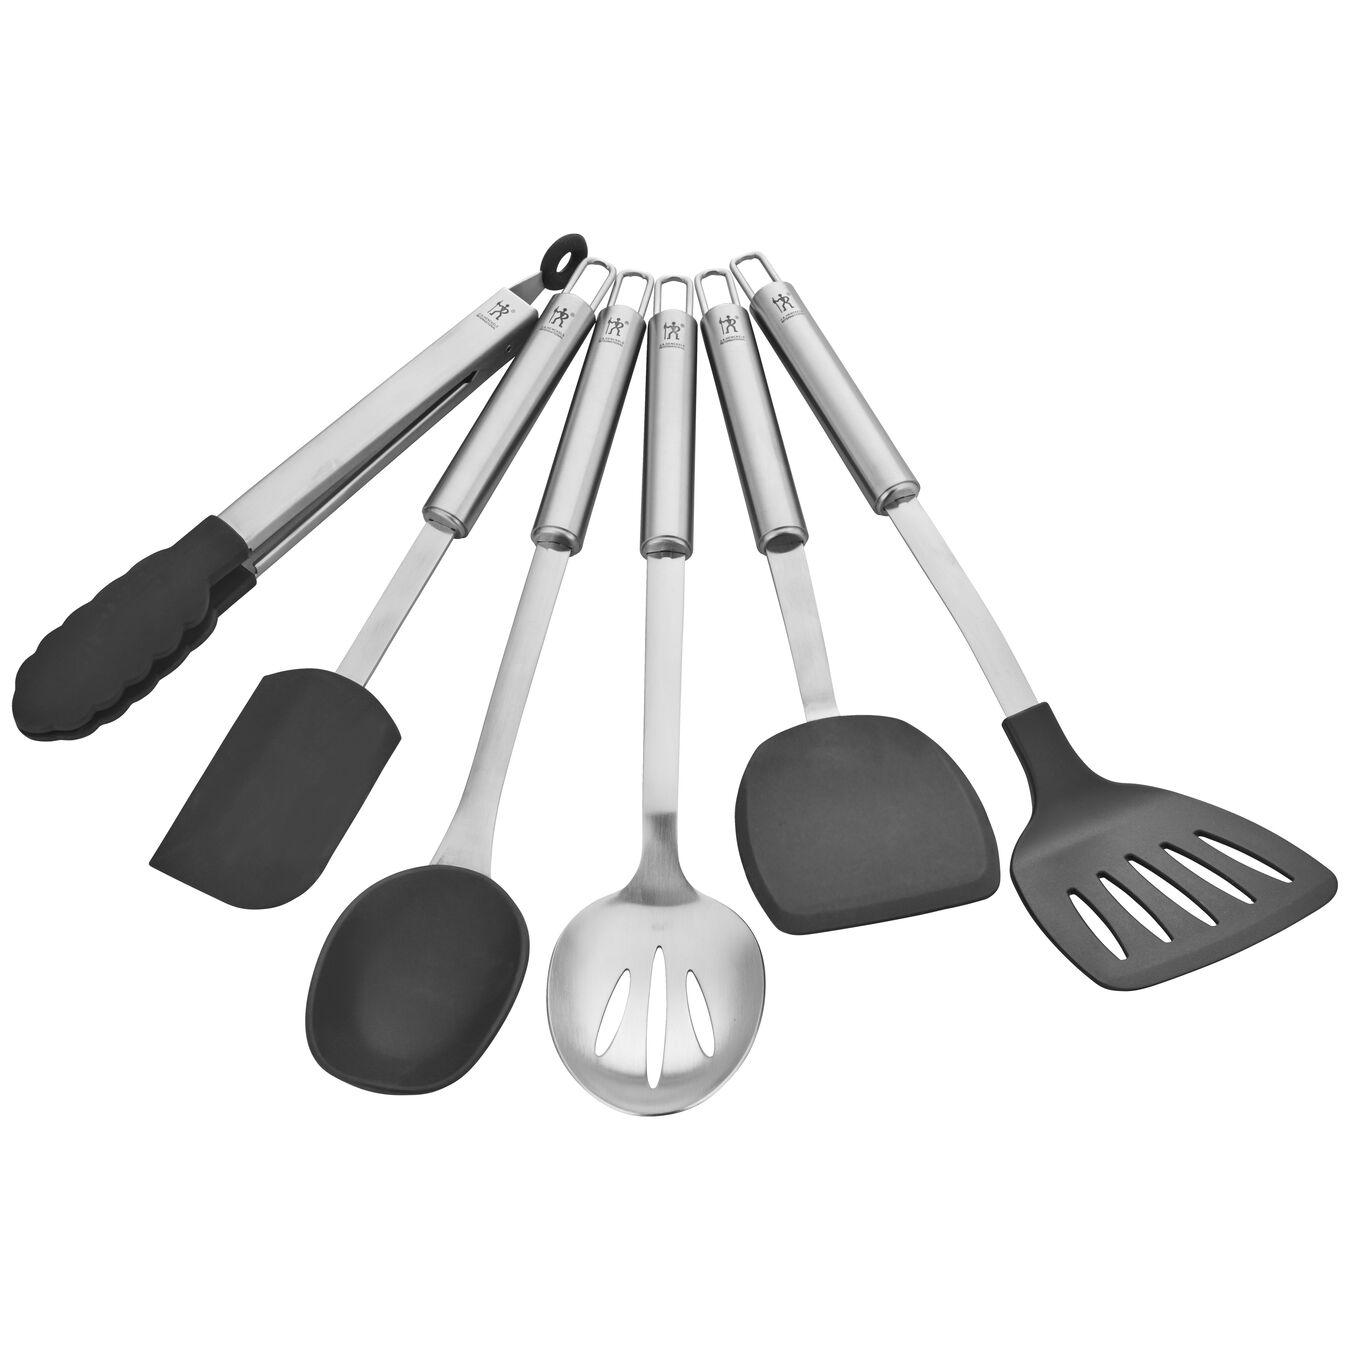 6-pc Kitchen Tool Set,,large 3